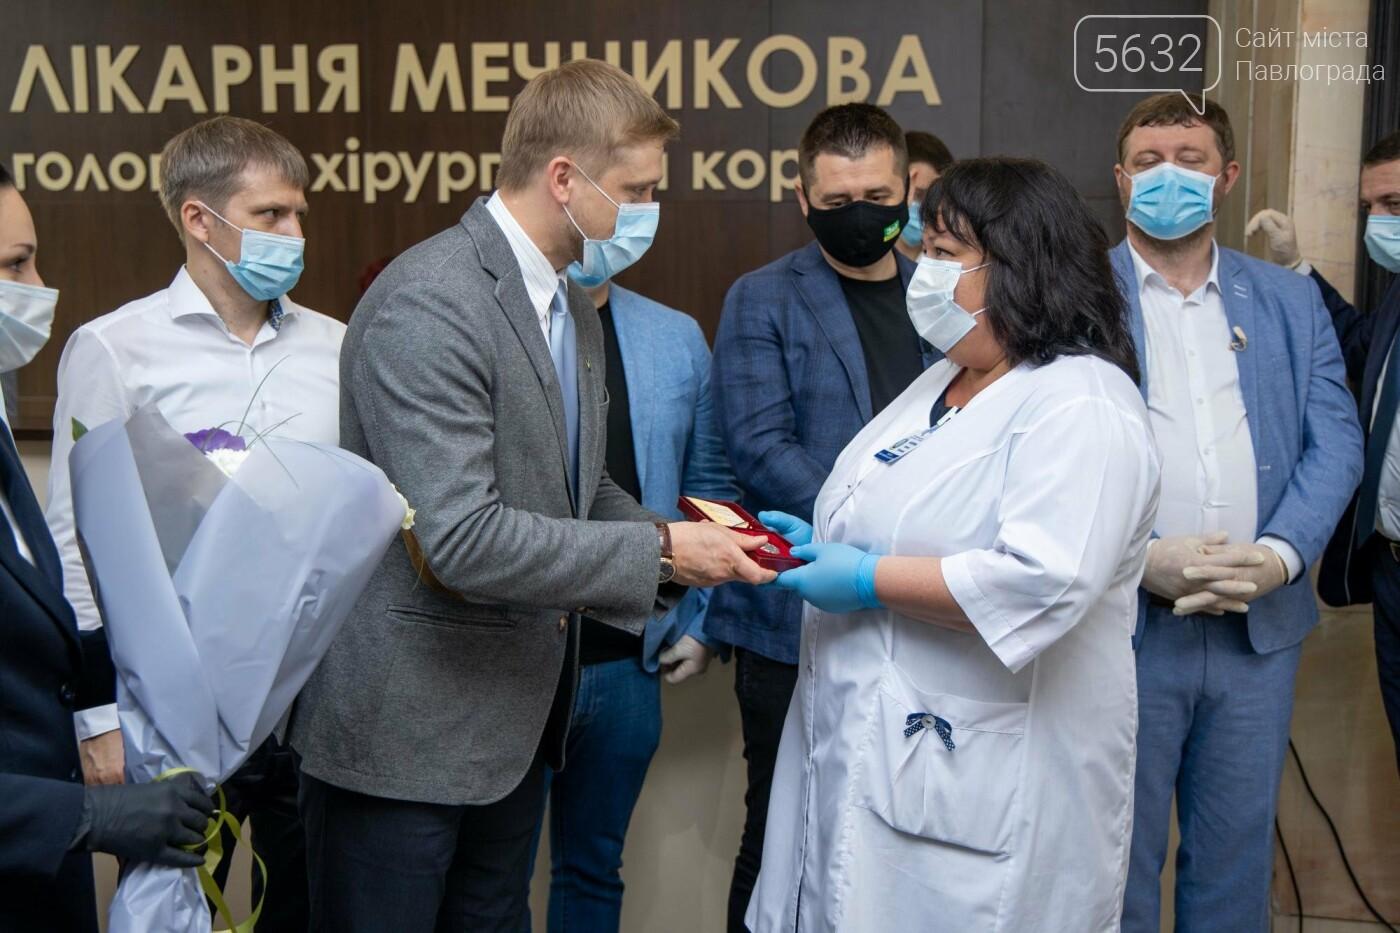 Семейный доктор из Павлограда получила звание «Заслуженный врач Украины», фото-3